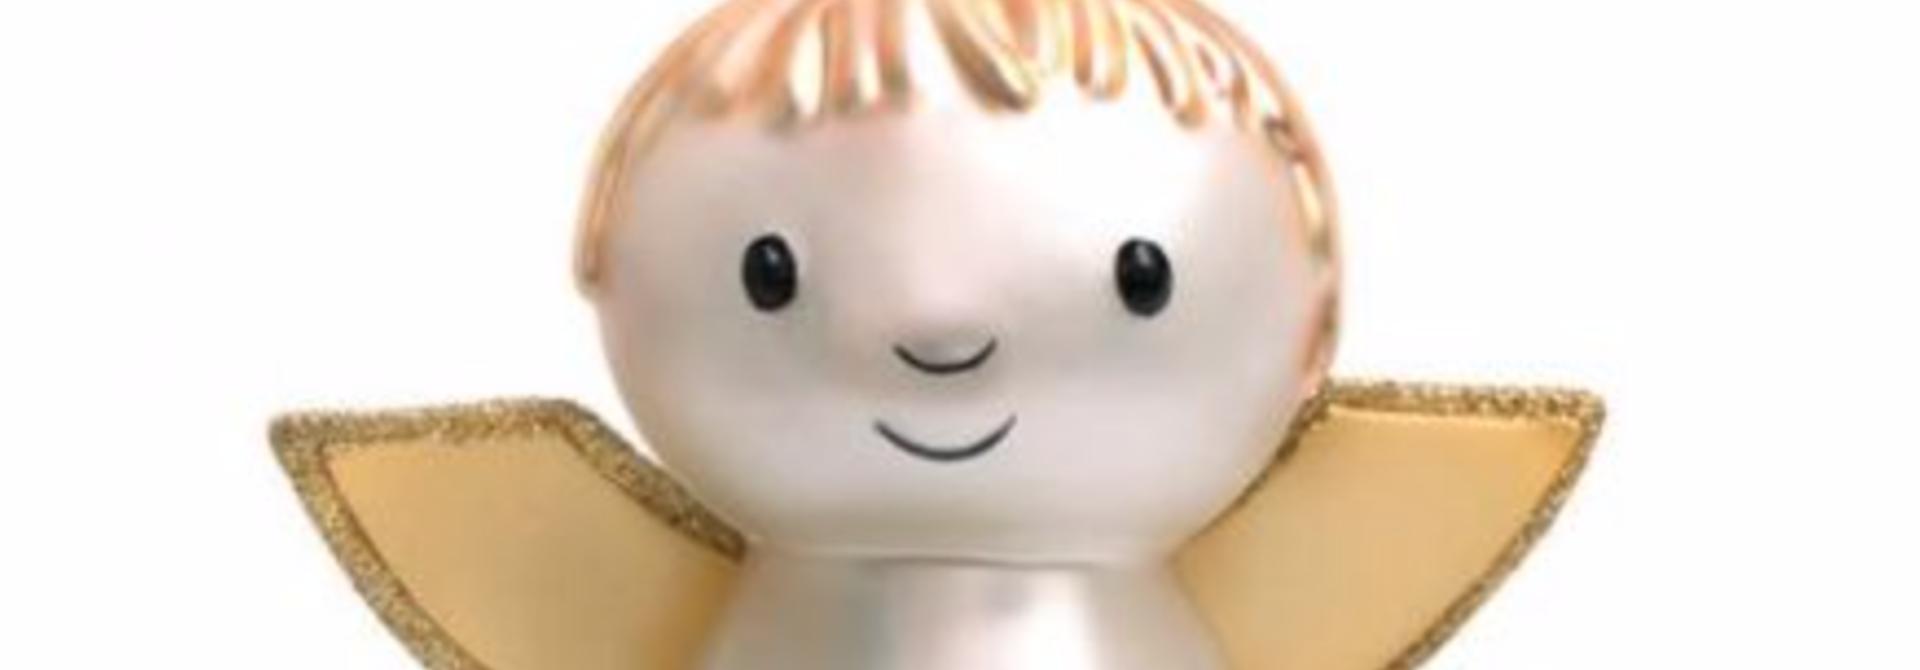 Kersthanger Nijntje/ Miffy angel (H 11cm)